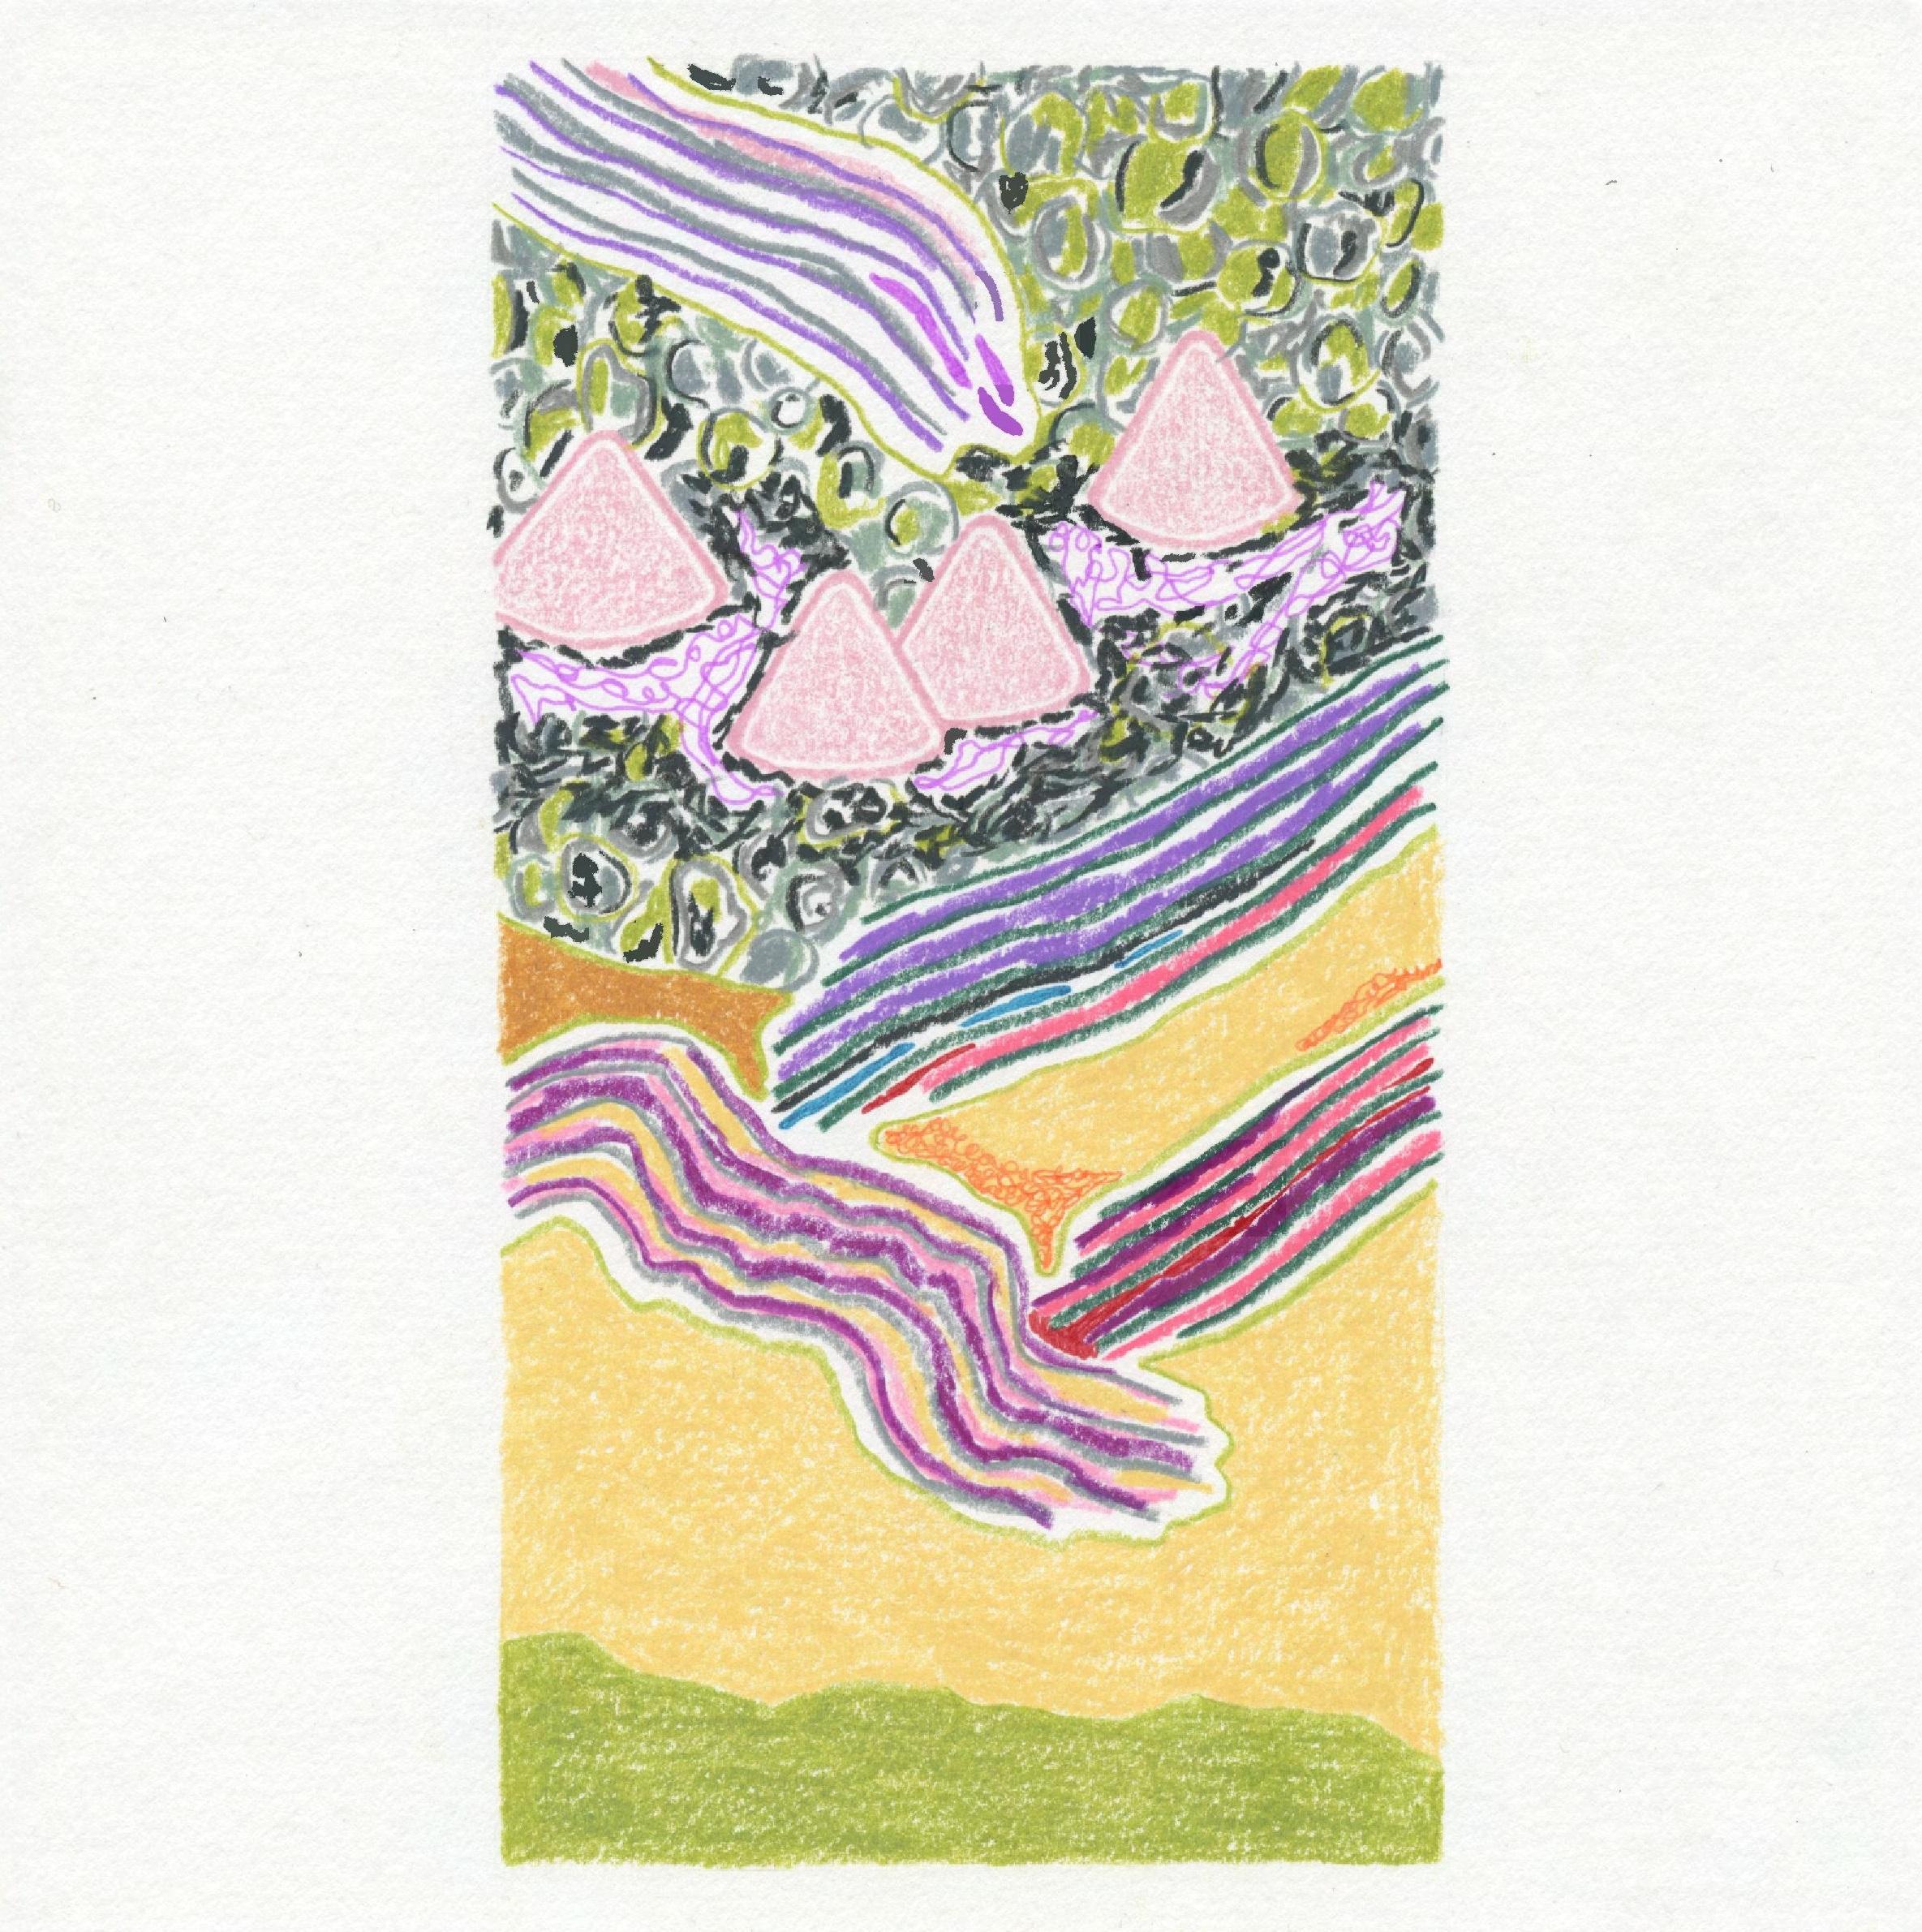 drawings_p9-page-001.jpg